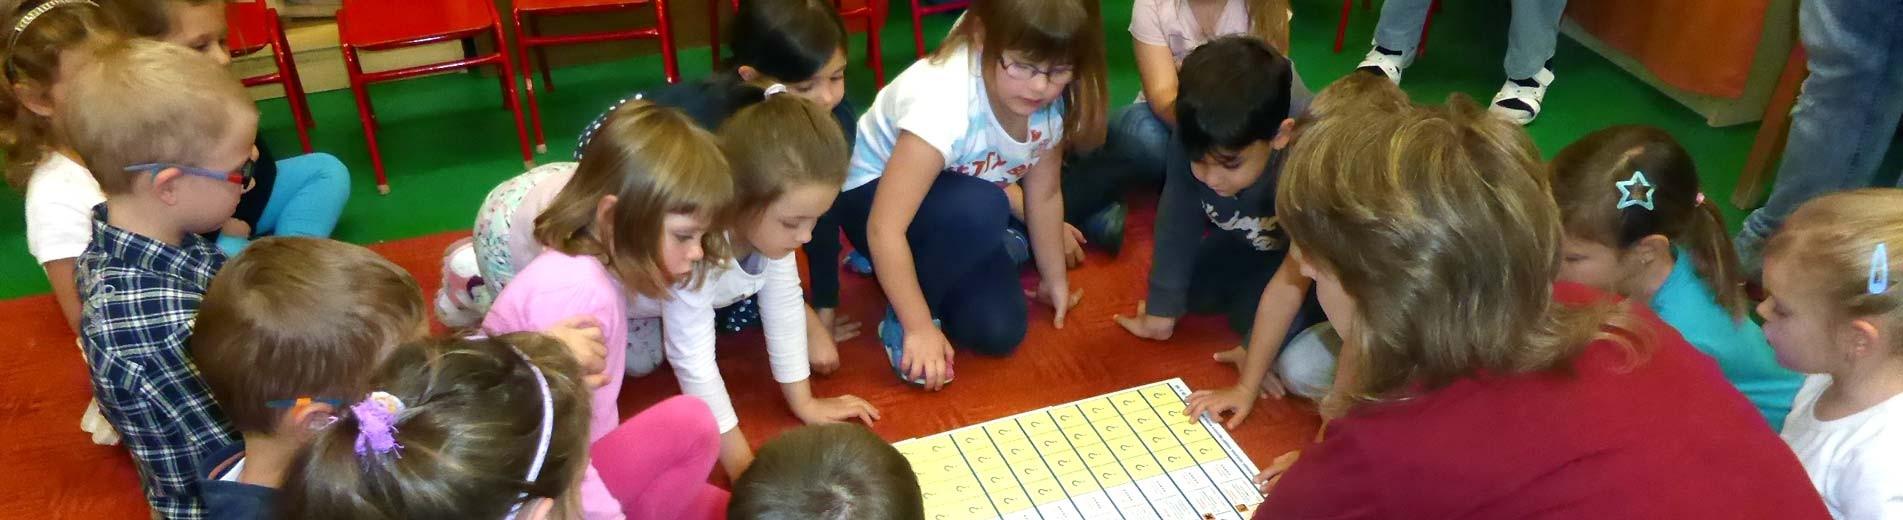 Játékosan tanítják a biztonságota Kaposvári Egyetem Gyakorló Óvodájában